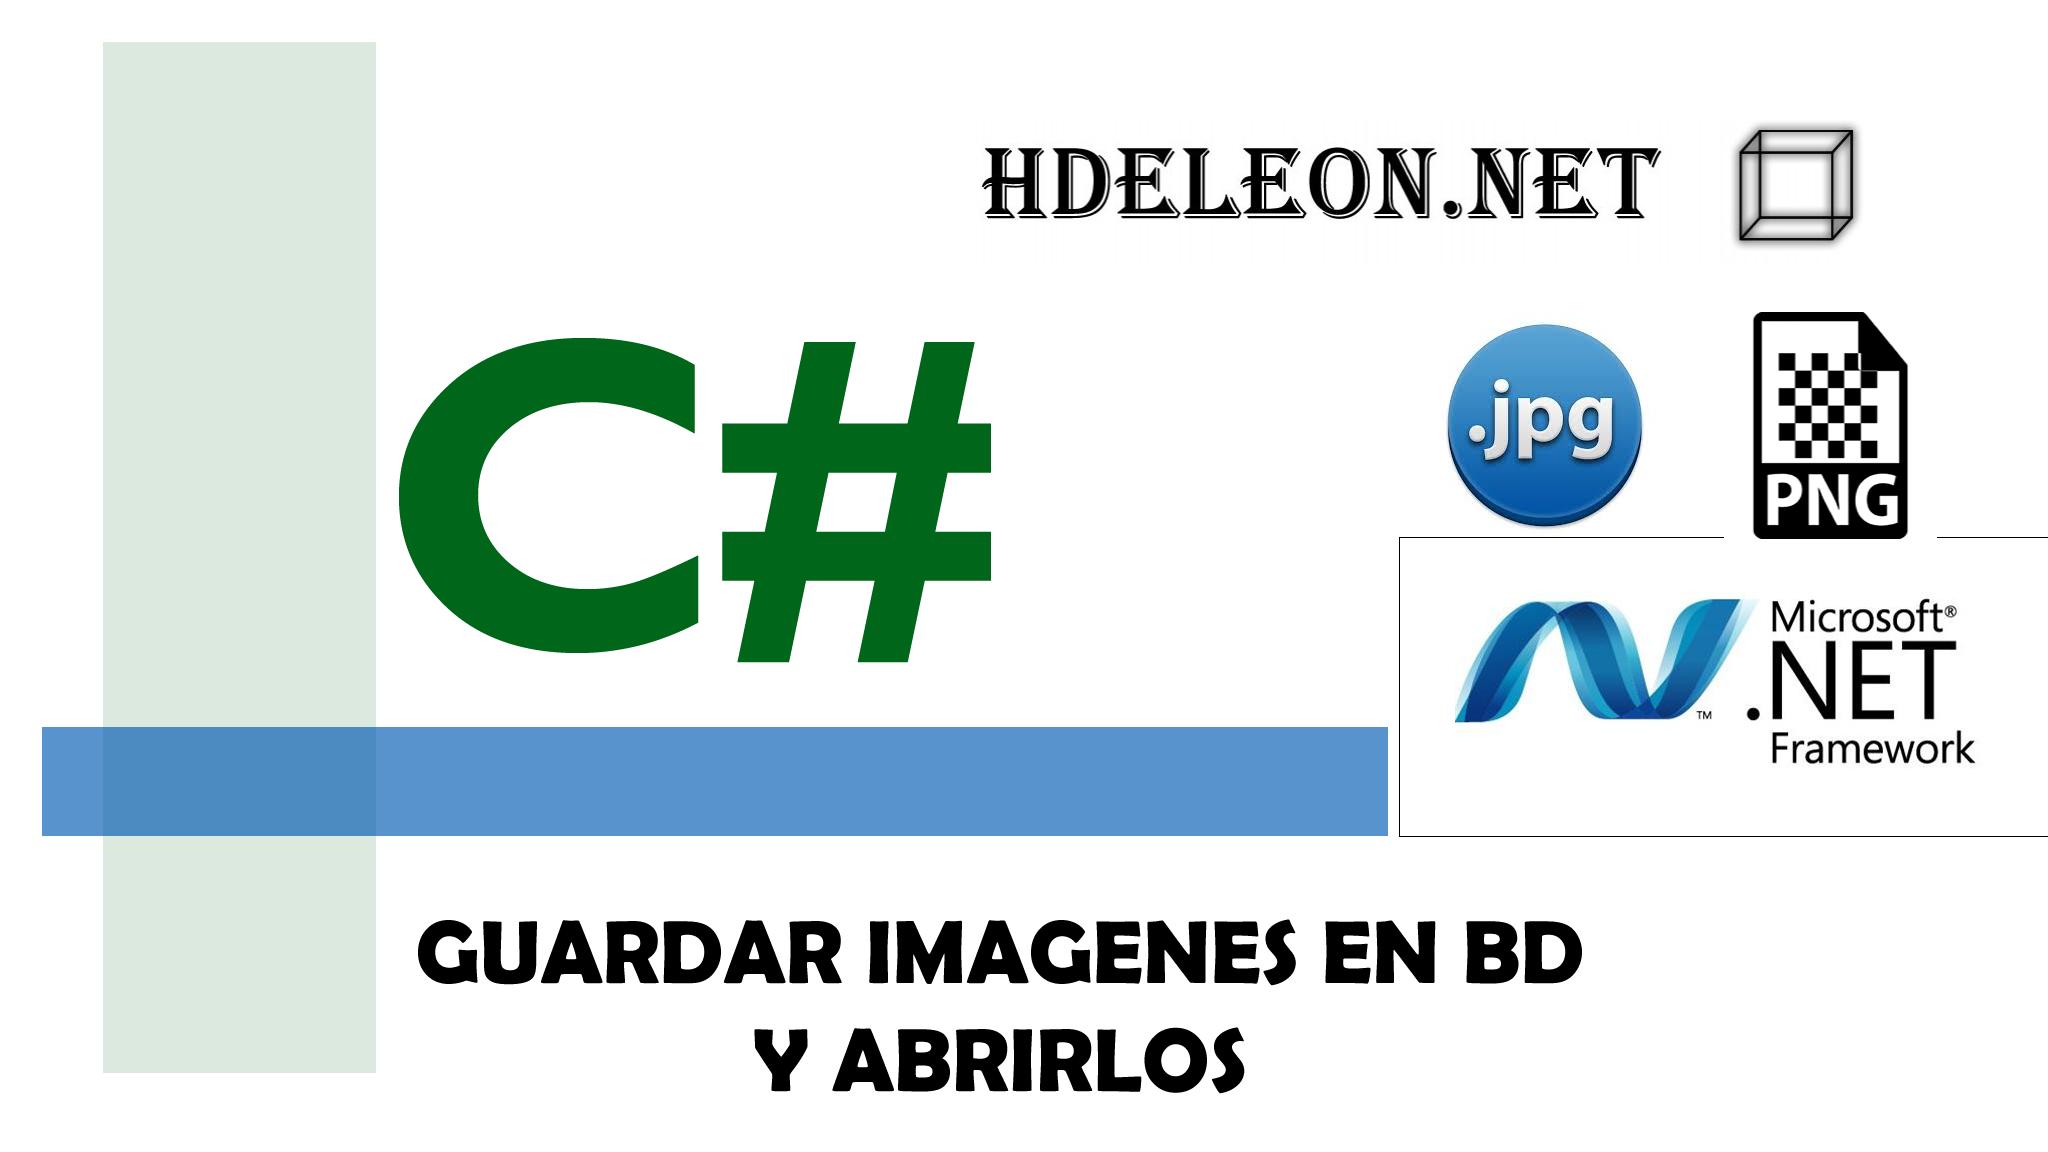 ¿Como guardar y abrir imagenes en SQL Server con C# .Net?, Entity Framework